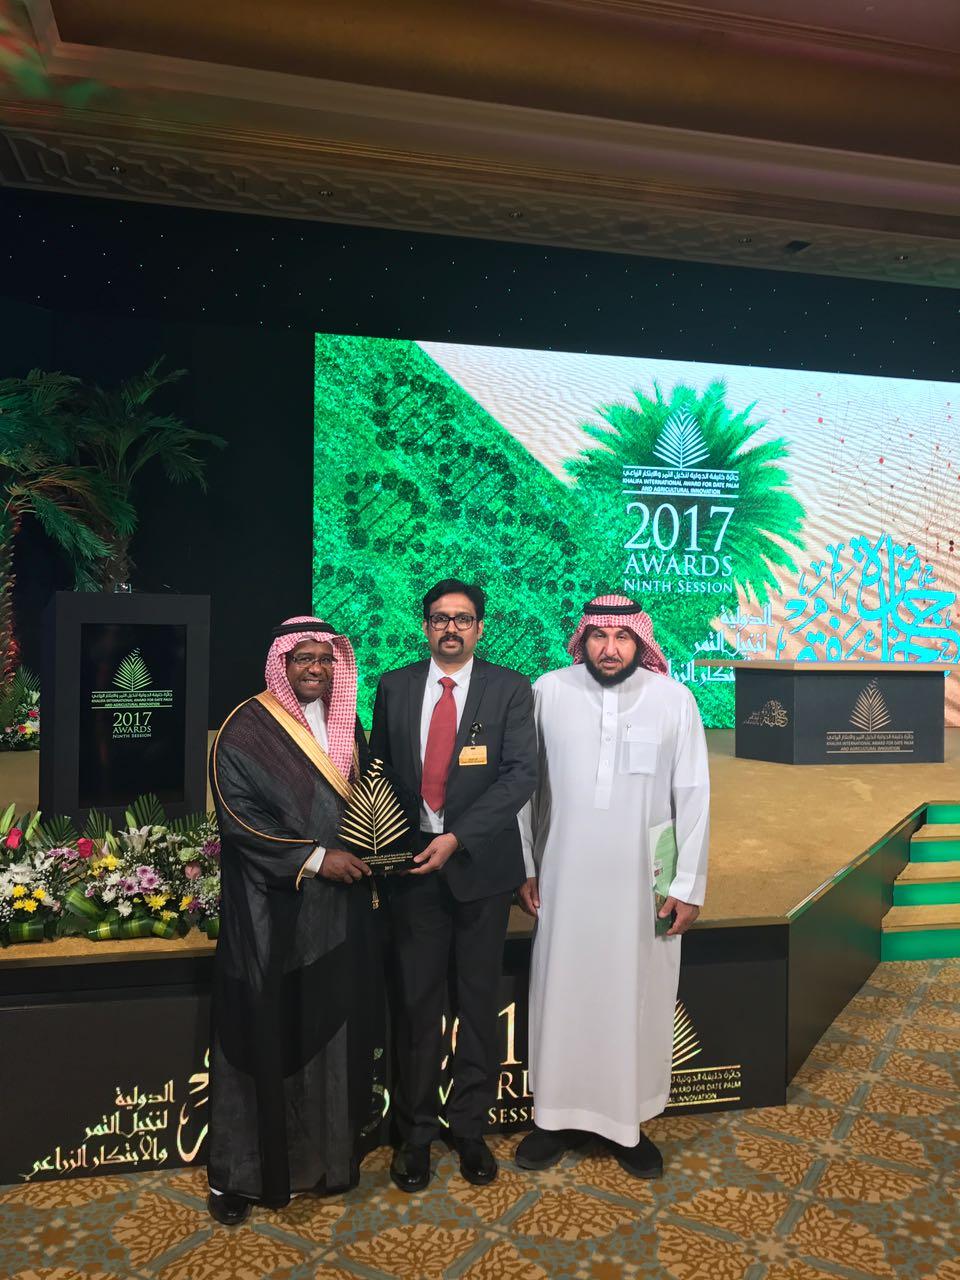 103- الدكتور/بينو من كلية علوم الأغذية والزراعة يستلم جائزة خليفة الدولية لنخيل التمر والابتكار الزراعي.